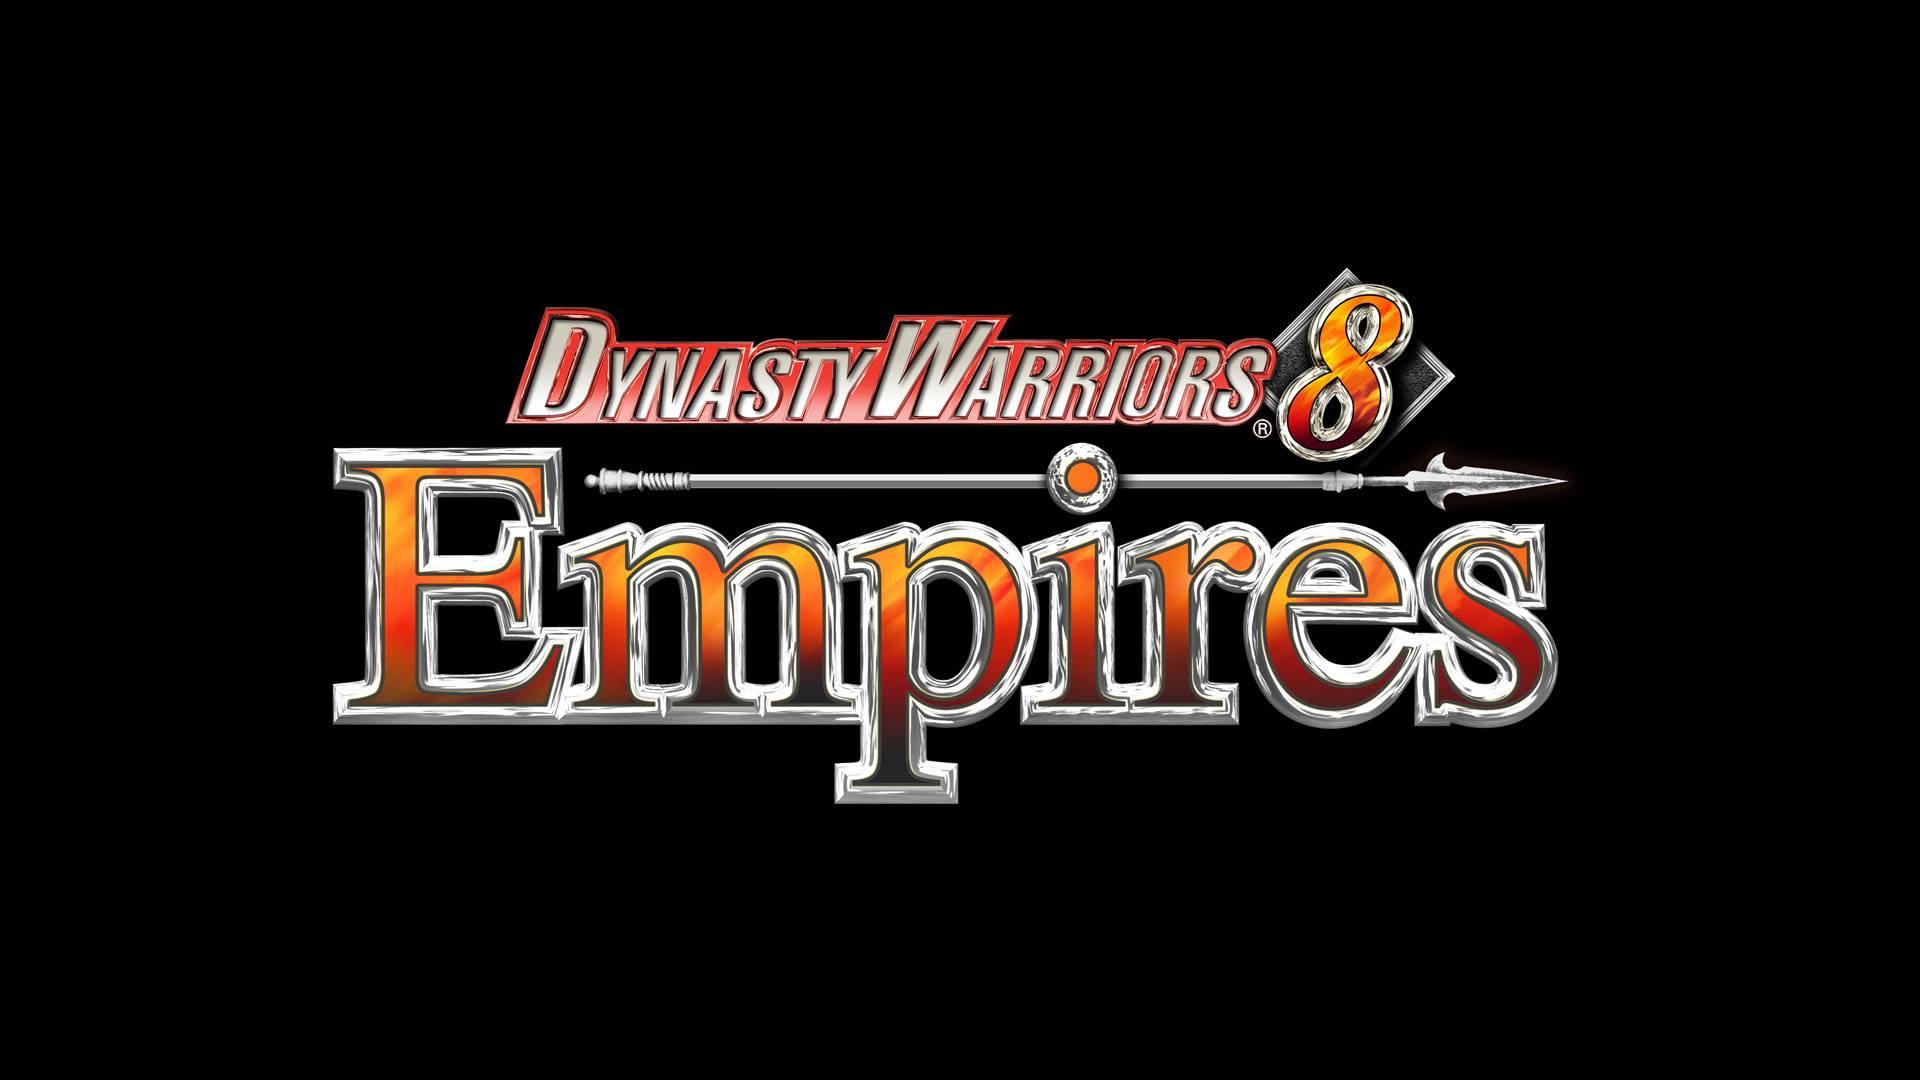 Dynasty Warriors 8 Empiers ... путь Императора Китая часть1. - Изображение 1